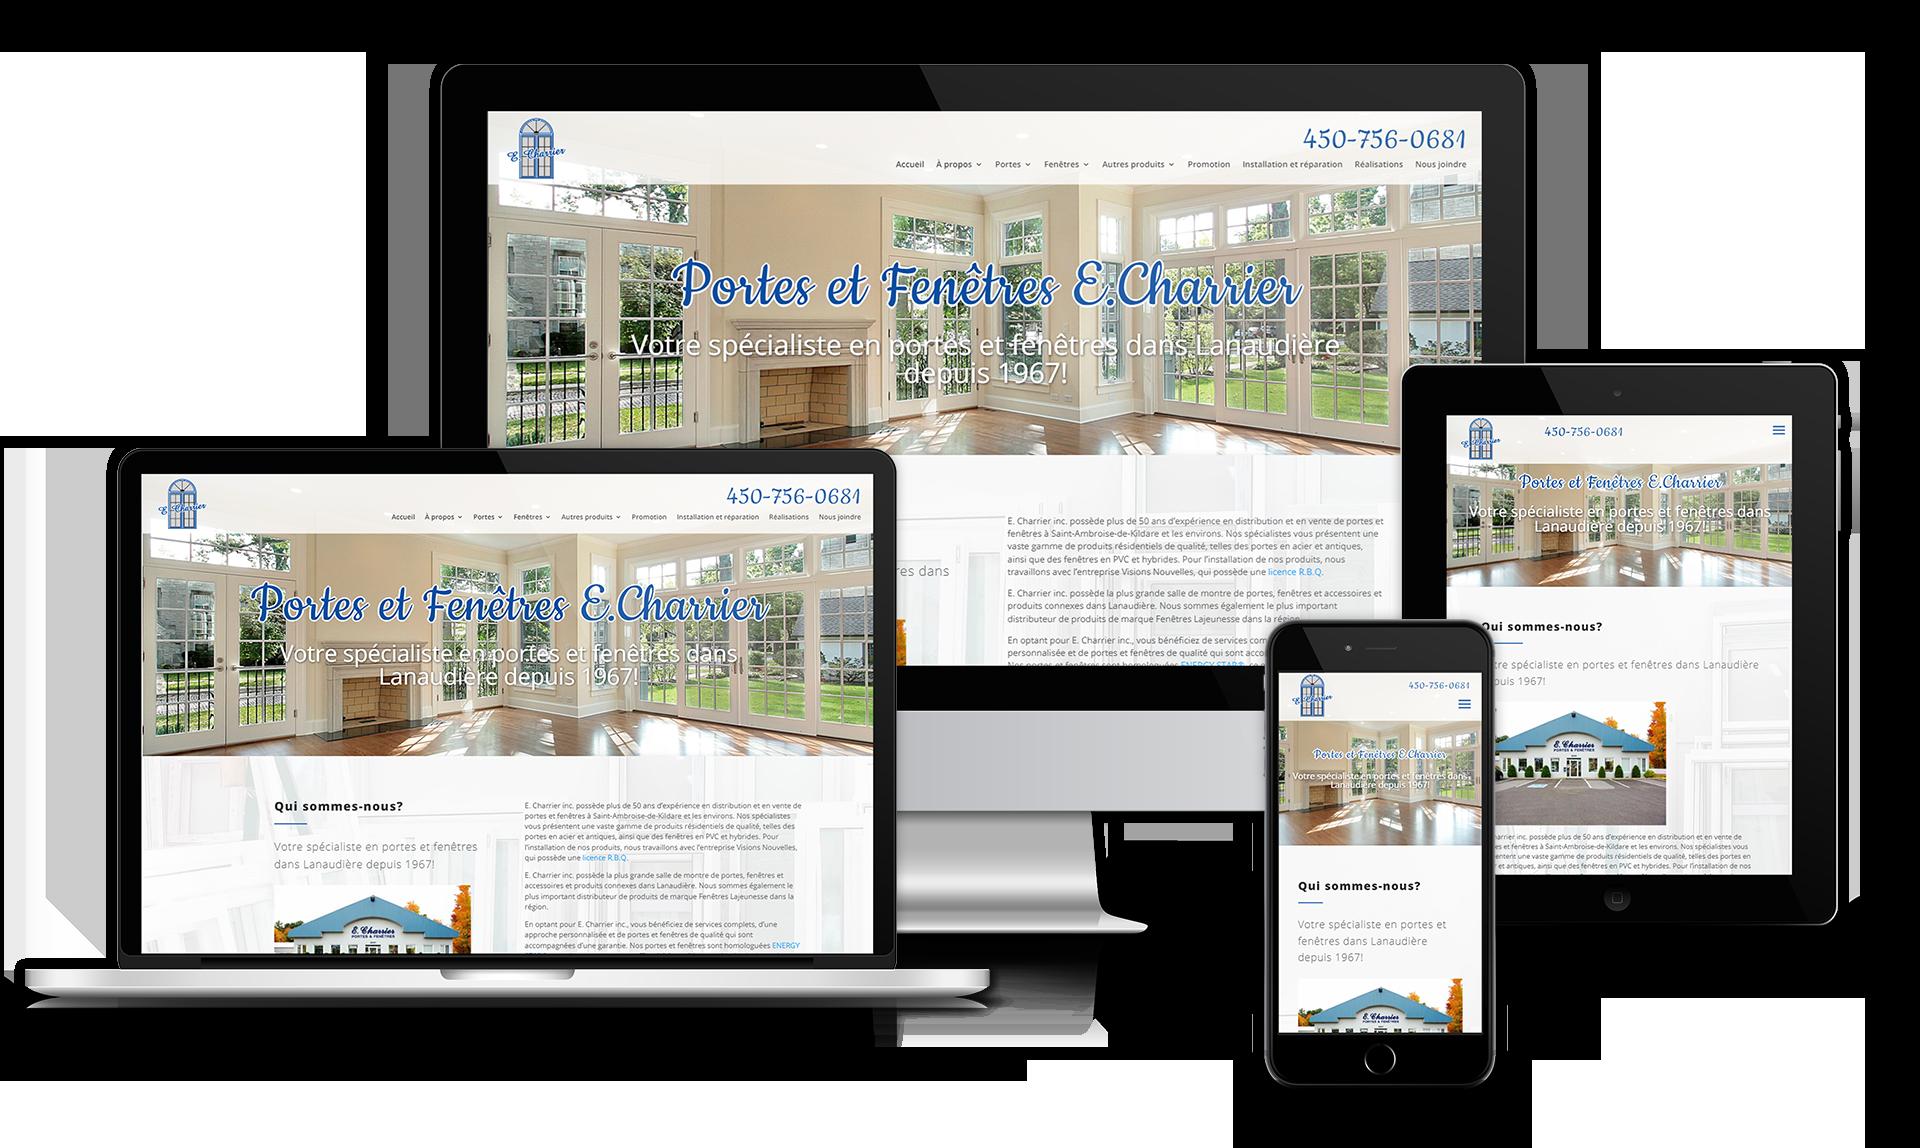 Template e.charrier - Medialogue Conception de site web